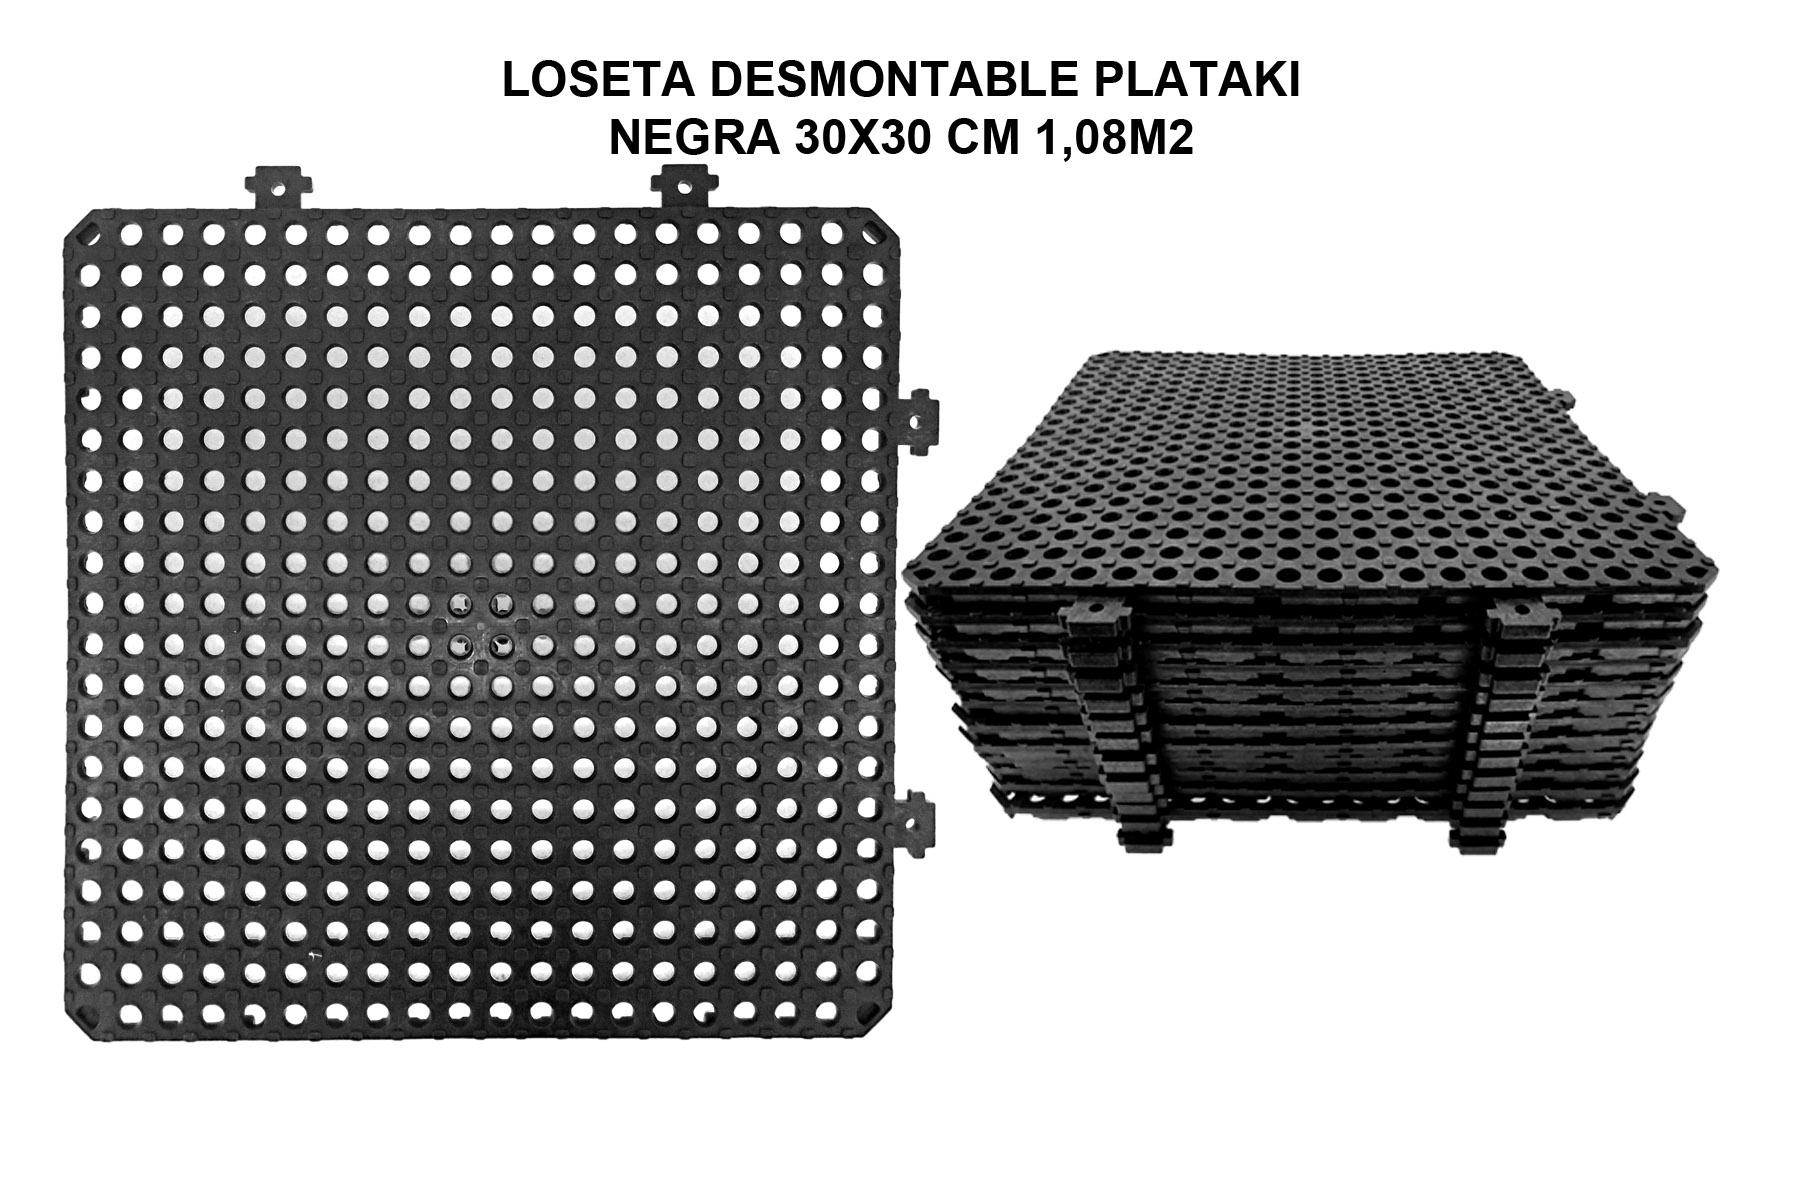 LOSETA DESMON PLATAKI NEGRA 30X30 CM 1,08M2 SET 12